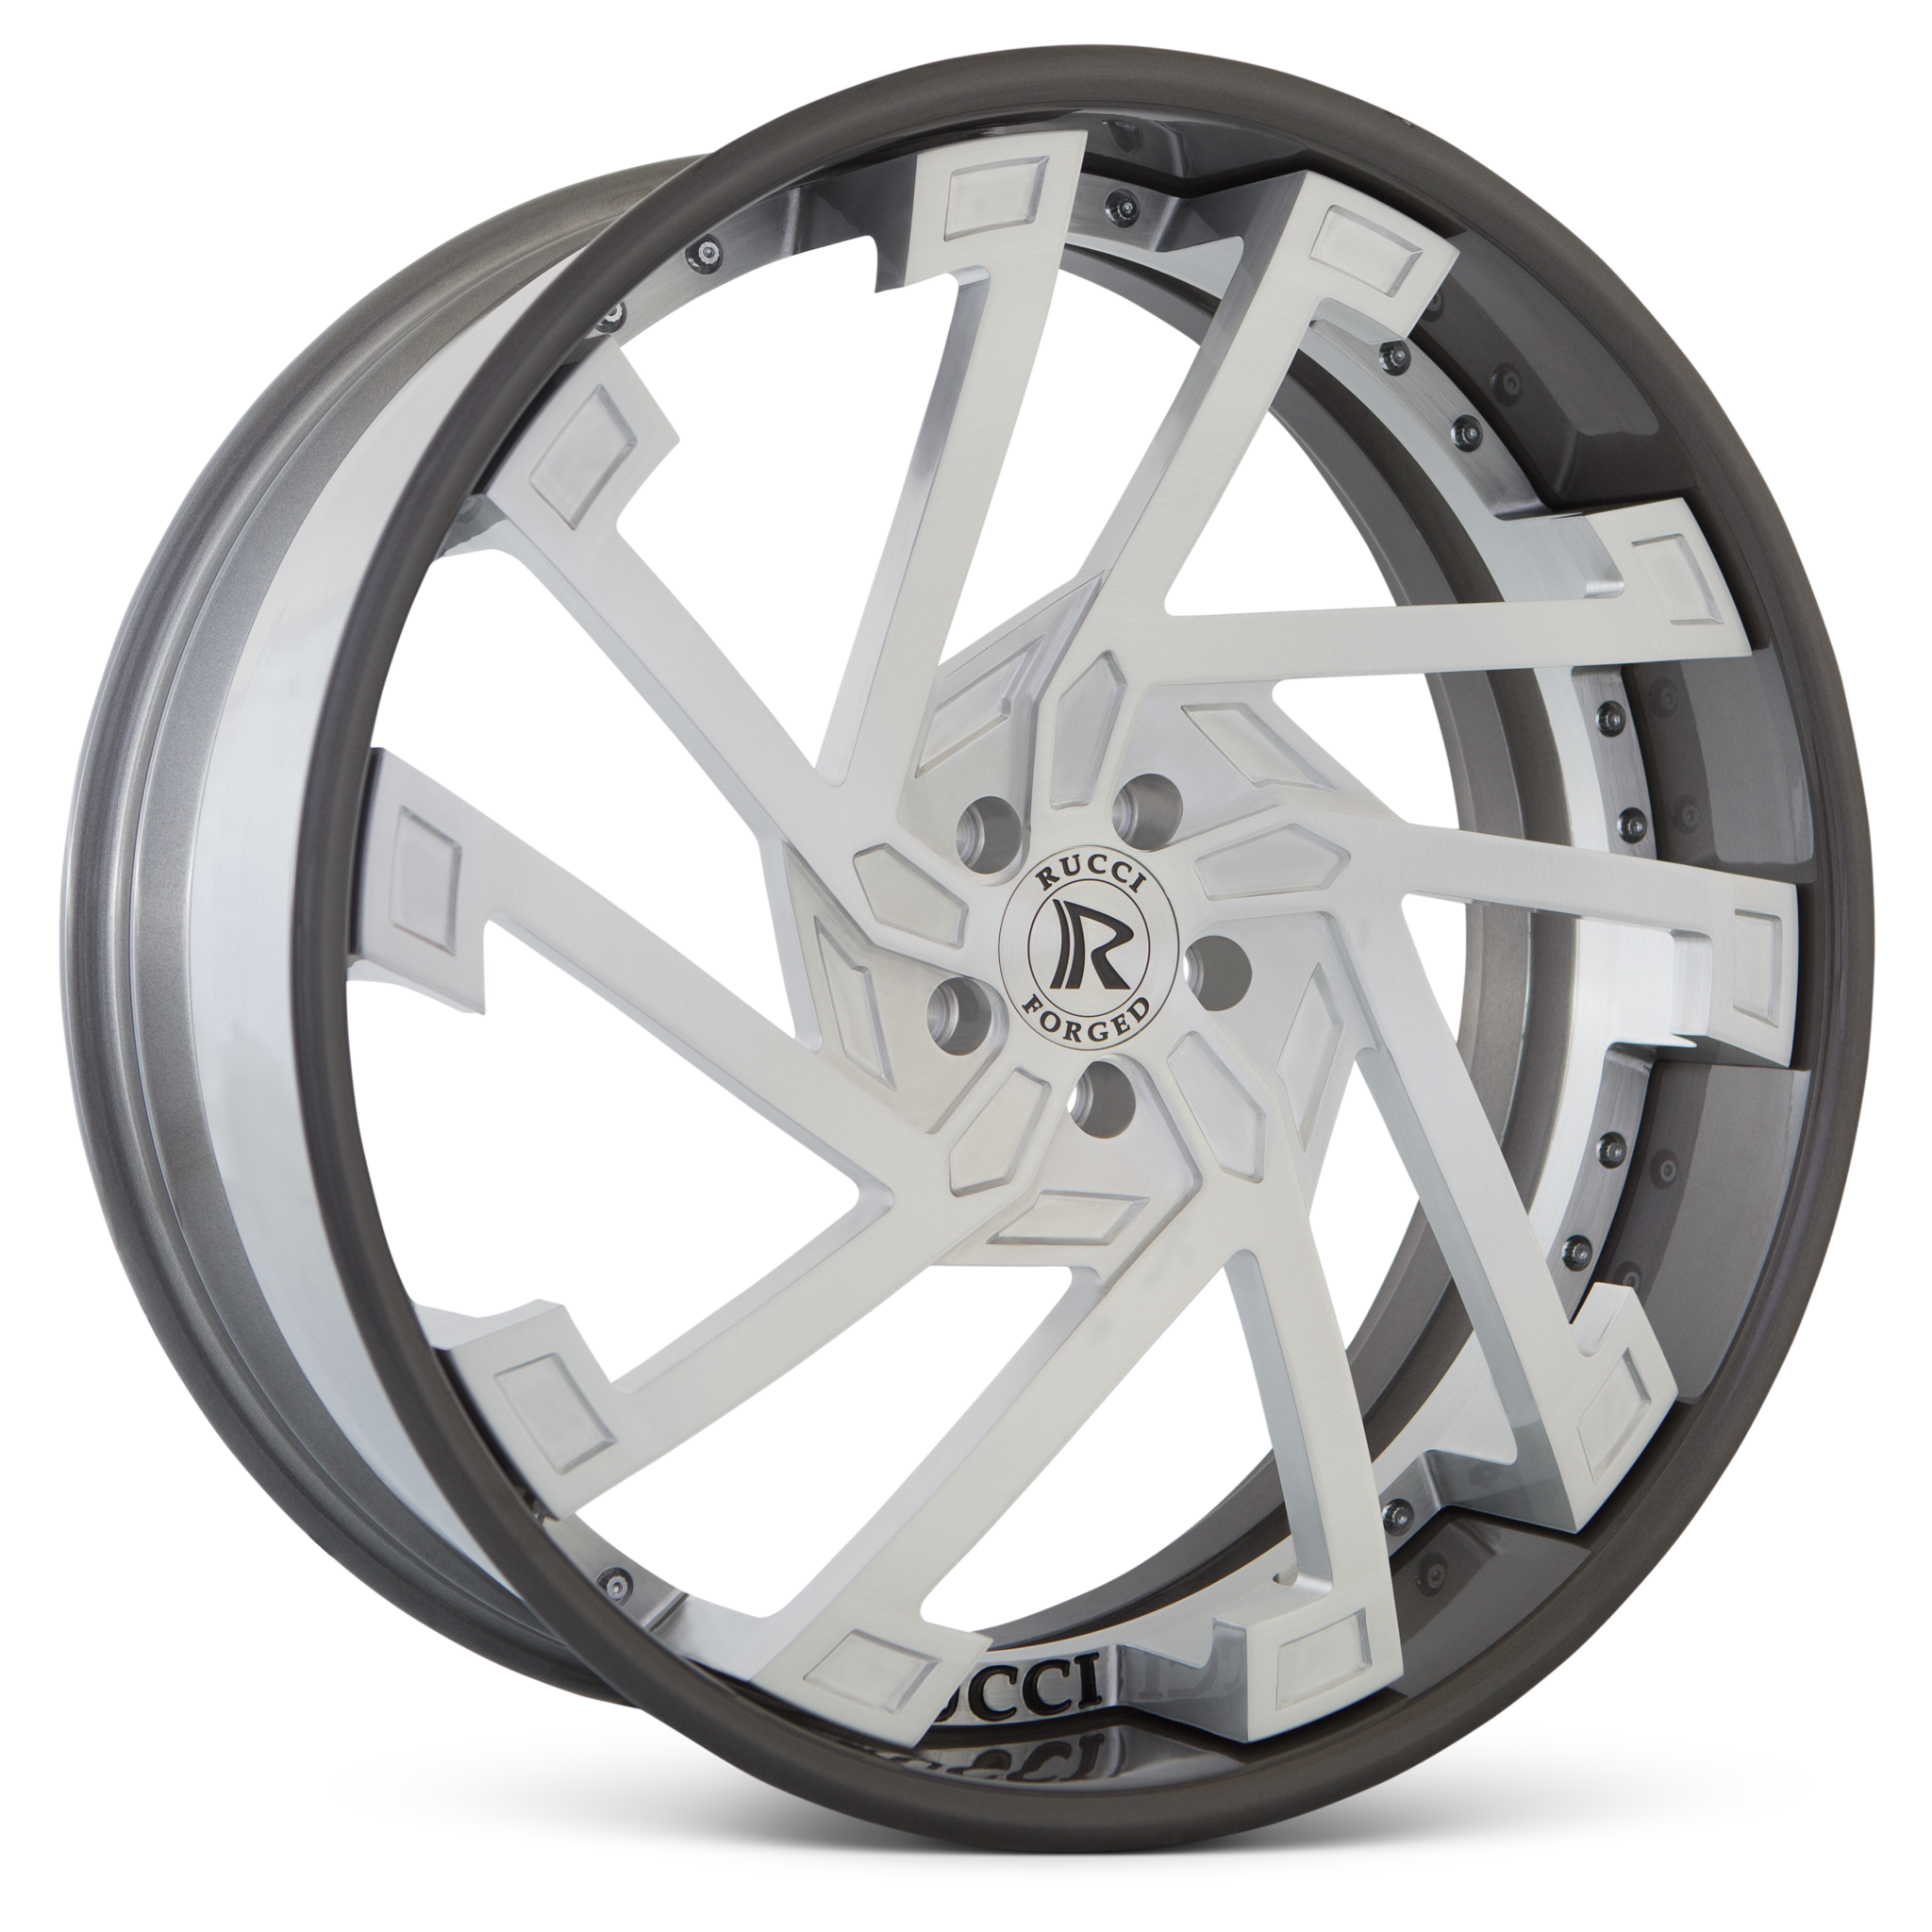 Rucci Forged Wheels Razor